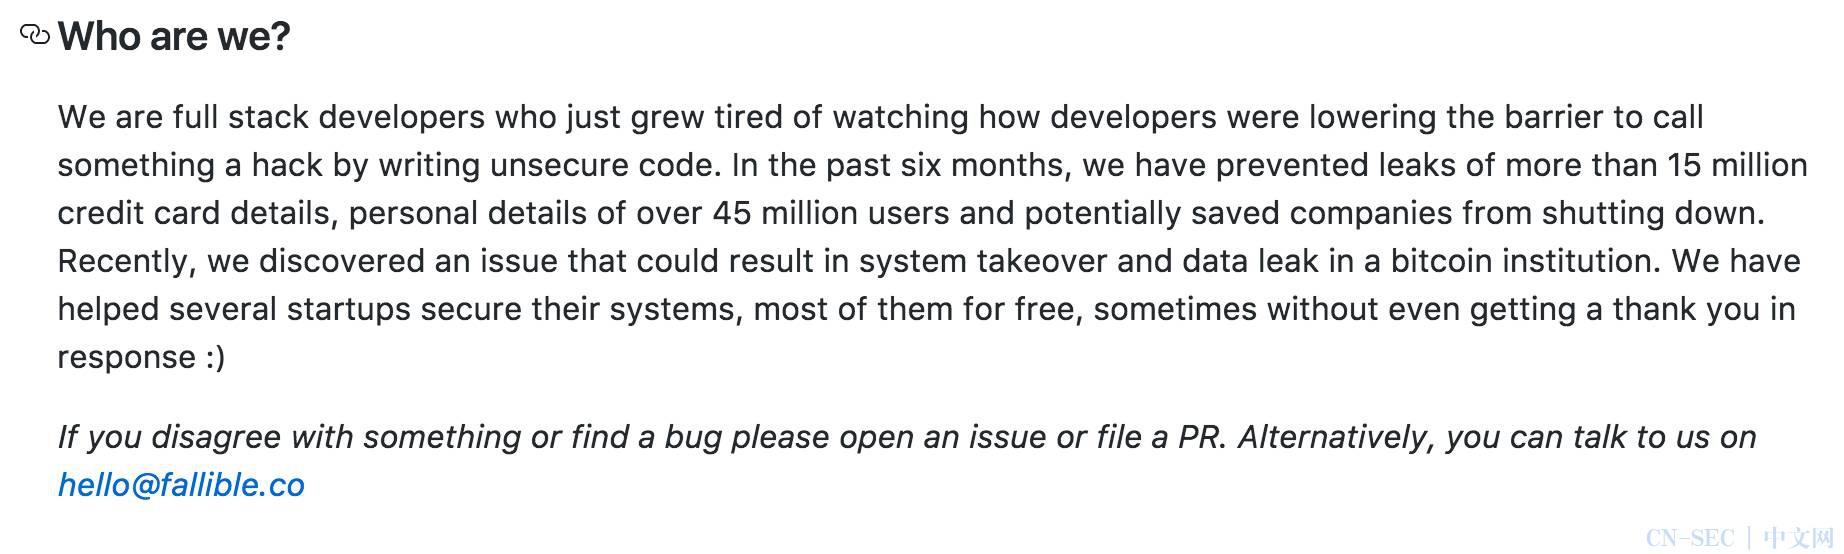 基于Web安全开发检查表